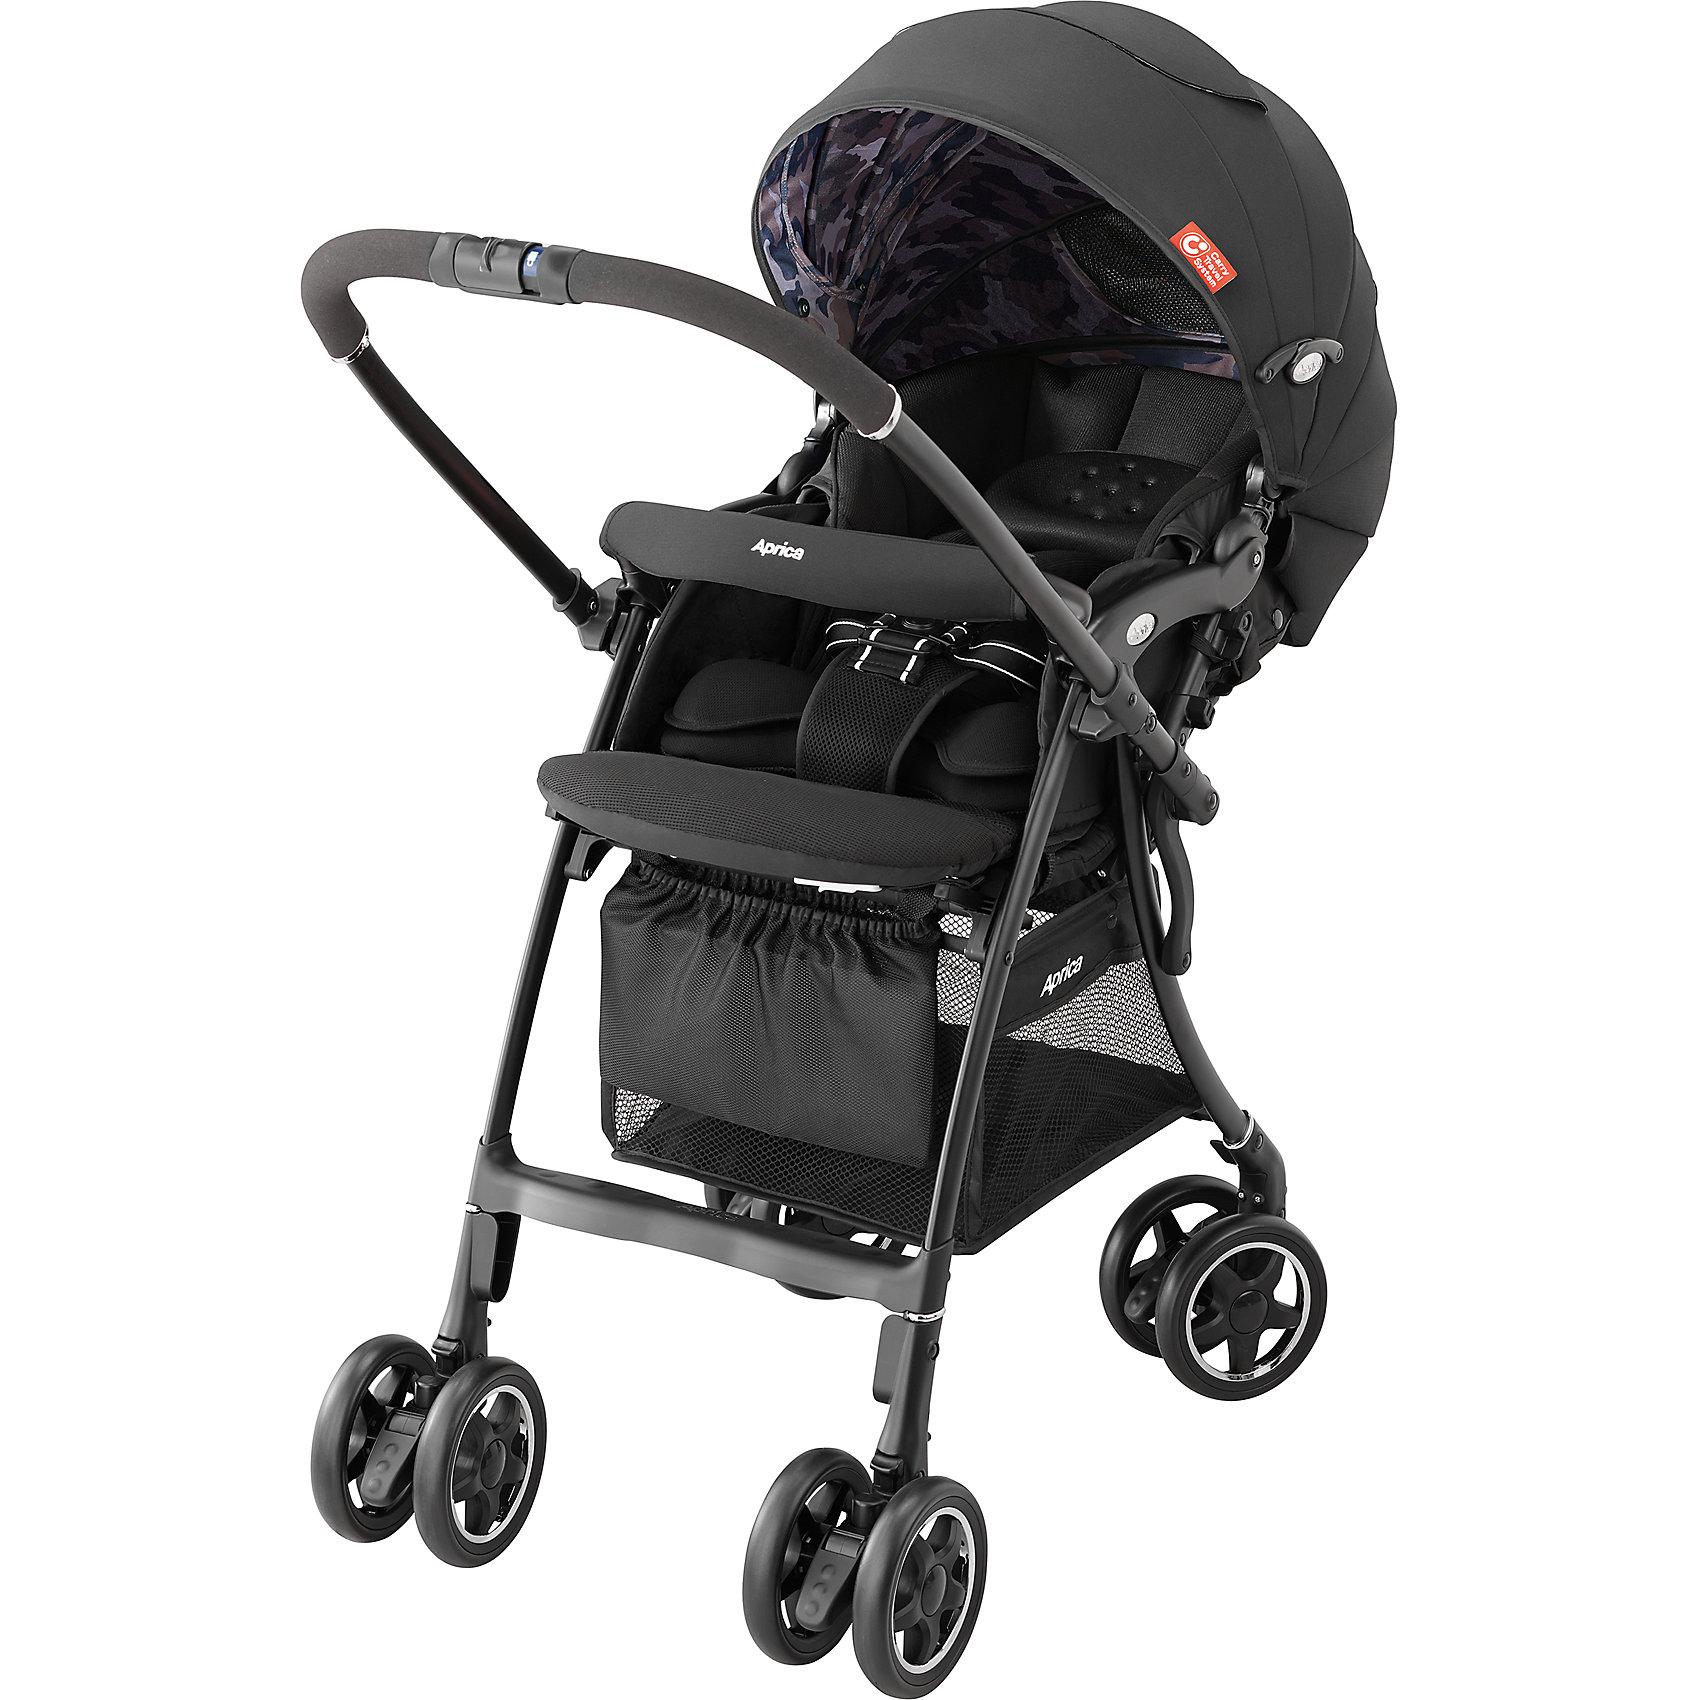 Прогулочная коляска Aprica Luxuna CTS, чёрныйПрогулочные коляски<br>Характеристики прогулочной коляски Aprica Luxuna CTS<br><br>Прогулочный блок:<br><br>• регулируемые по длине и высоте 5-ти точечные ремни безопасности;<br>• регулируемый наклон спинки, система ремешков, угол наклона 120-170 градусов;<br>• наличие анатомических вкладышей дает возможность использовать коляску с первых дней жизни малыша;<br>• имеется выдвижная подножка с двумя сменными положениями, а также, пластиковая подножка для подросшего малыша;<br>• капюшон глубокий, надежно защищает малыша;<br>• капюшон раскладывается практически до бампера;<br>• на капюшоне имеются два сетчатых смотровых окошка под клапанами;<br>• высокая посадка ребенка в коляске;<br>• бампер можно отвести в сторону для удобной посадки ребенка;<br>• имеются отражатели солнечных лучей, которые обеспечивают терморегуляцию;<br>• сиденье и капюшон выполнены из дышащих материалов.<br><br>Размеры прогулочного блока:<br><br>ширина сиденья: 31 см;<br>высота посадки: 53 см.<br><br>Шасси коляски:<br><br>• перекидная ручка коляски;<br>• сдвоенные колеса коляски, 4 пары, всего 8 шт.;<br>• диаметр колес: 14 см;<br>• ведущие колеса - поворотные с блокировкой;<br>• при перекидывании ручки тип поворотных колес меняется: передние разблокированы, задние колеса заблокированы;<br>• амортизация;<br>• тип тормоза: ножной, отдельно на каждой паре колес;<br>• нагрузка на корзину: 5 кг, объем 20 л;<br>• механизм складывания: книжка;<br>• коляска складывается одной рукой, сохраняет вертикальное положение;<br>• рама складывается вместе с прогулочным блоком;<br>• материал рамы: алюминий.<br><br>Размер коляски: 46х85/98,5х101 см<br>Размер коляски в сложенном виде: 98х45х34 см<br>Вес коляски: 5,3 кг<br>Вес в упаковке: 7,1 кг<br><br>Комплектация:<br><br>• прогулочная коляска Luxuna CTS;<br>• анатомические вкладыши;<br>• корзина для покупок;<br>• инструкция.<br><br>Прогулочную коляску Luxuna CTS, Aprica, цвет чёрный можно купить в нашем интернет-магазине.<br